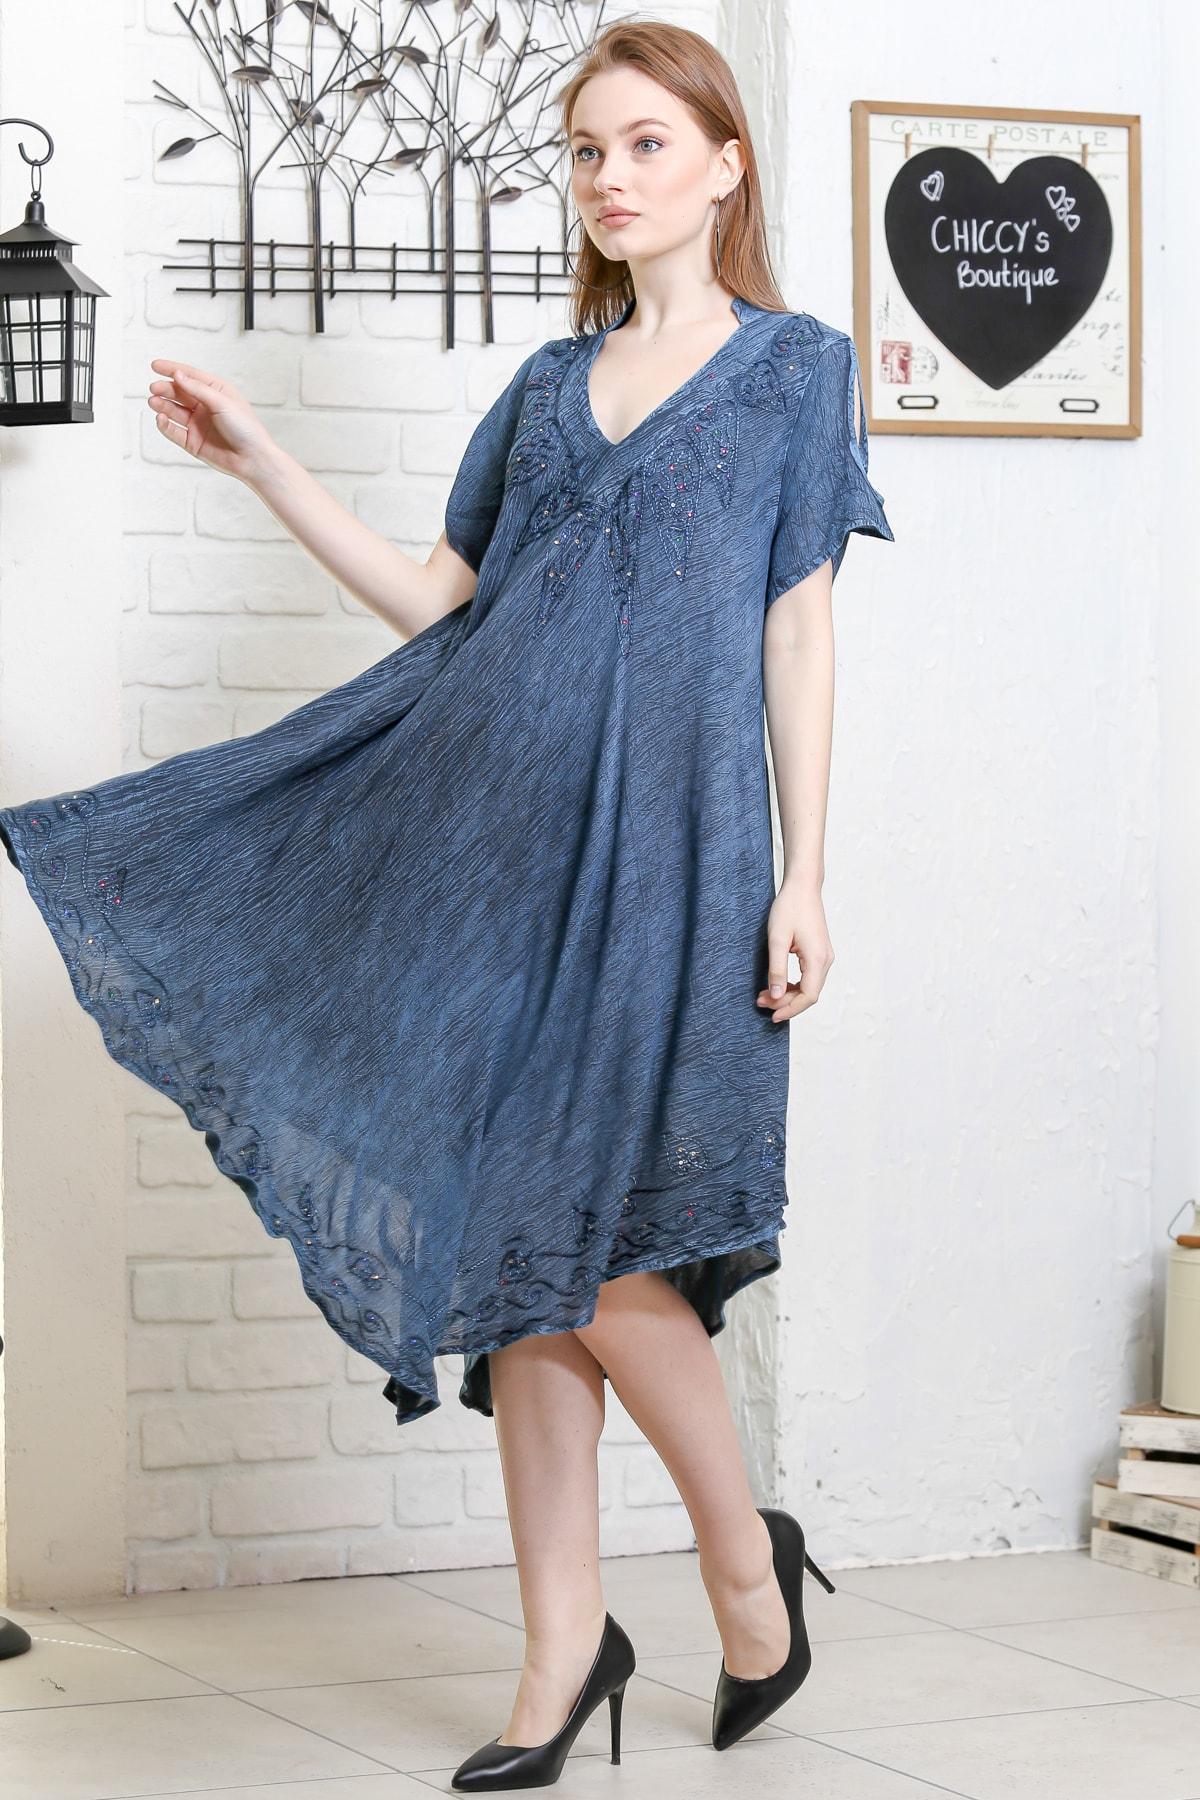 Chiccy Kadın Petrol Mavisi Batik Desenli Kısa Kol Dik Yaka Salaş Dokuma Elbise M10160000EL95153 2